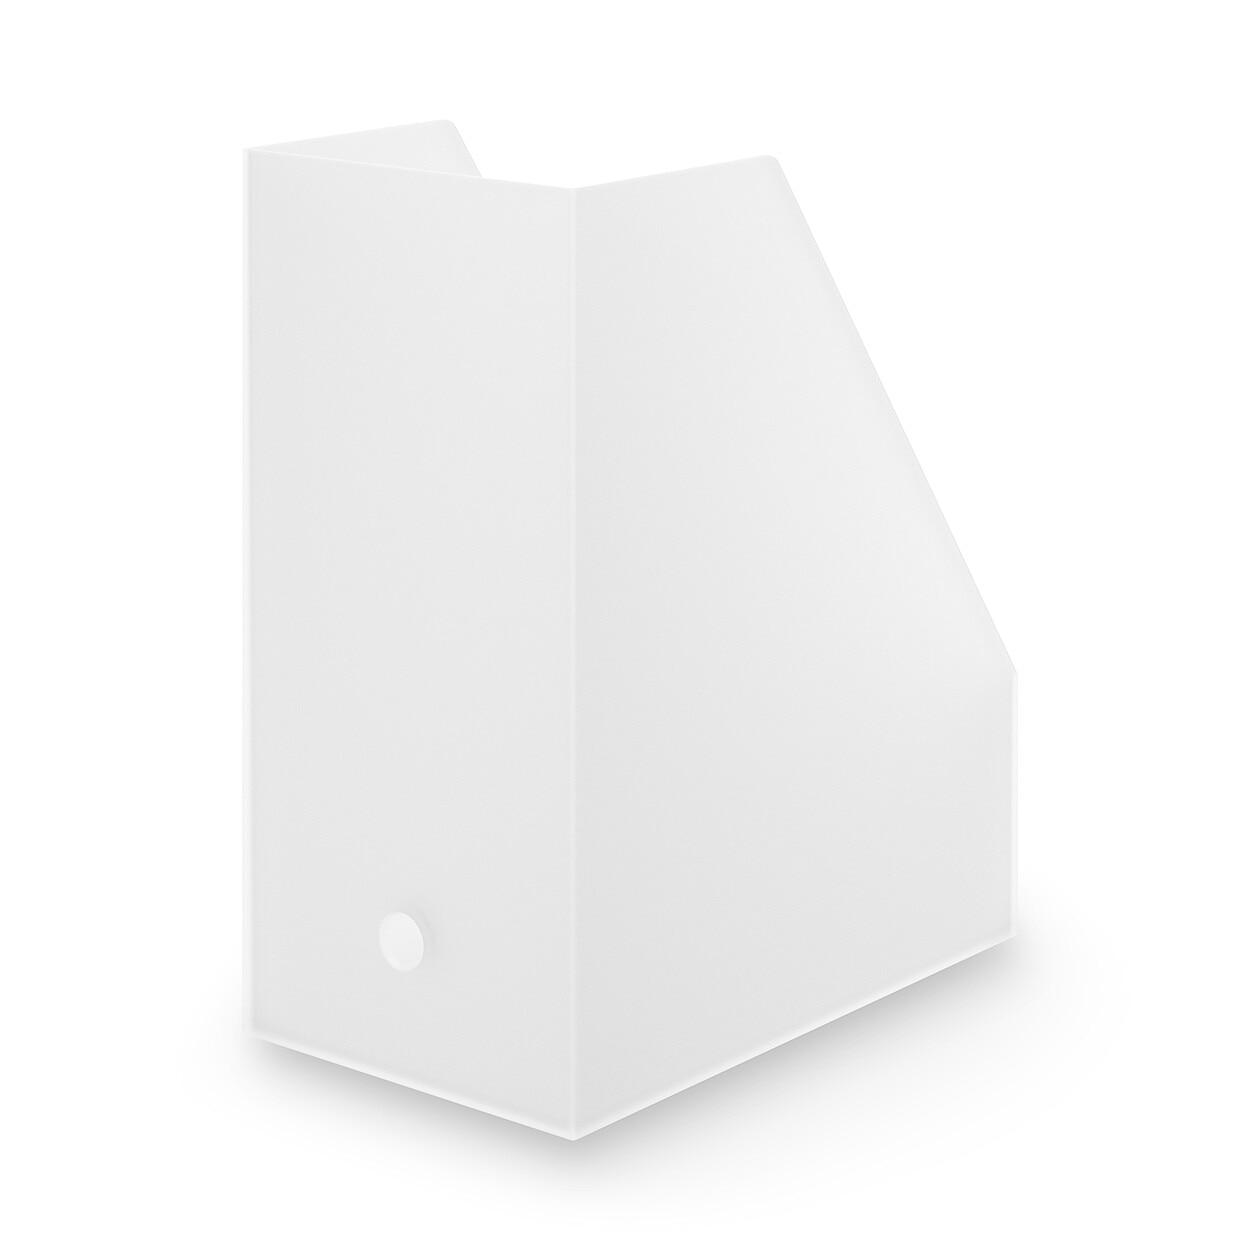 ポリプロピレンスタンドファイルボックス・ワイド・A4用